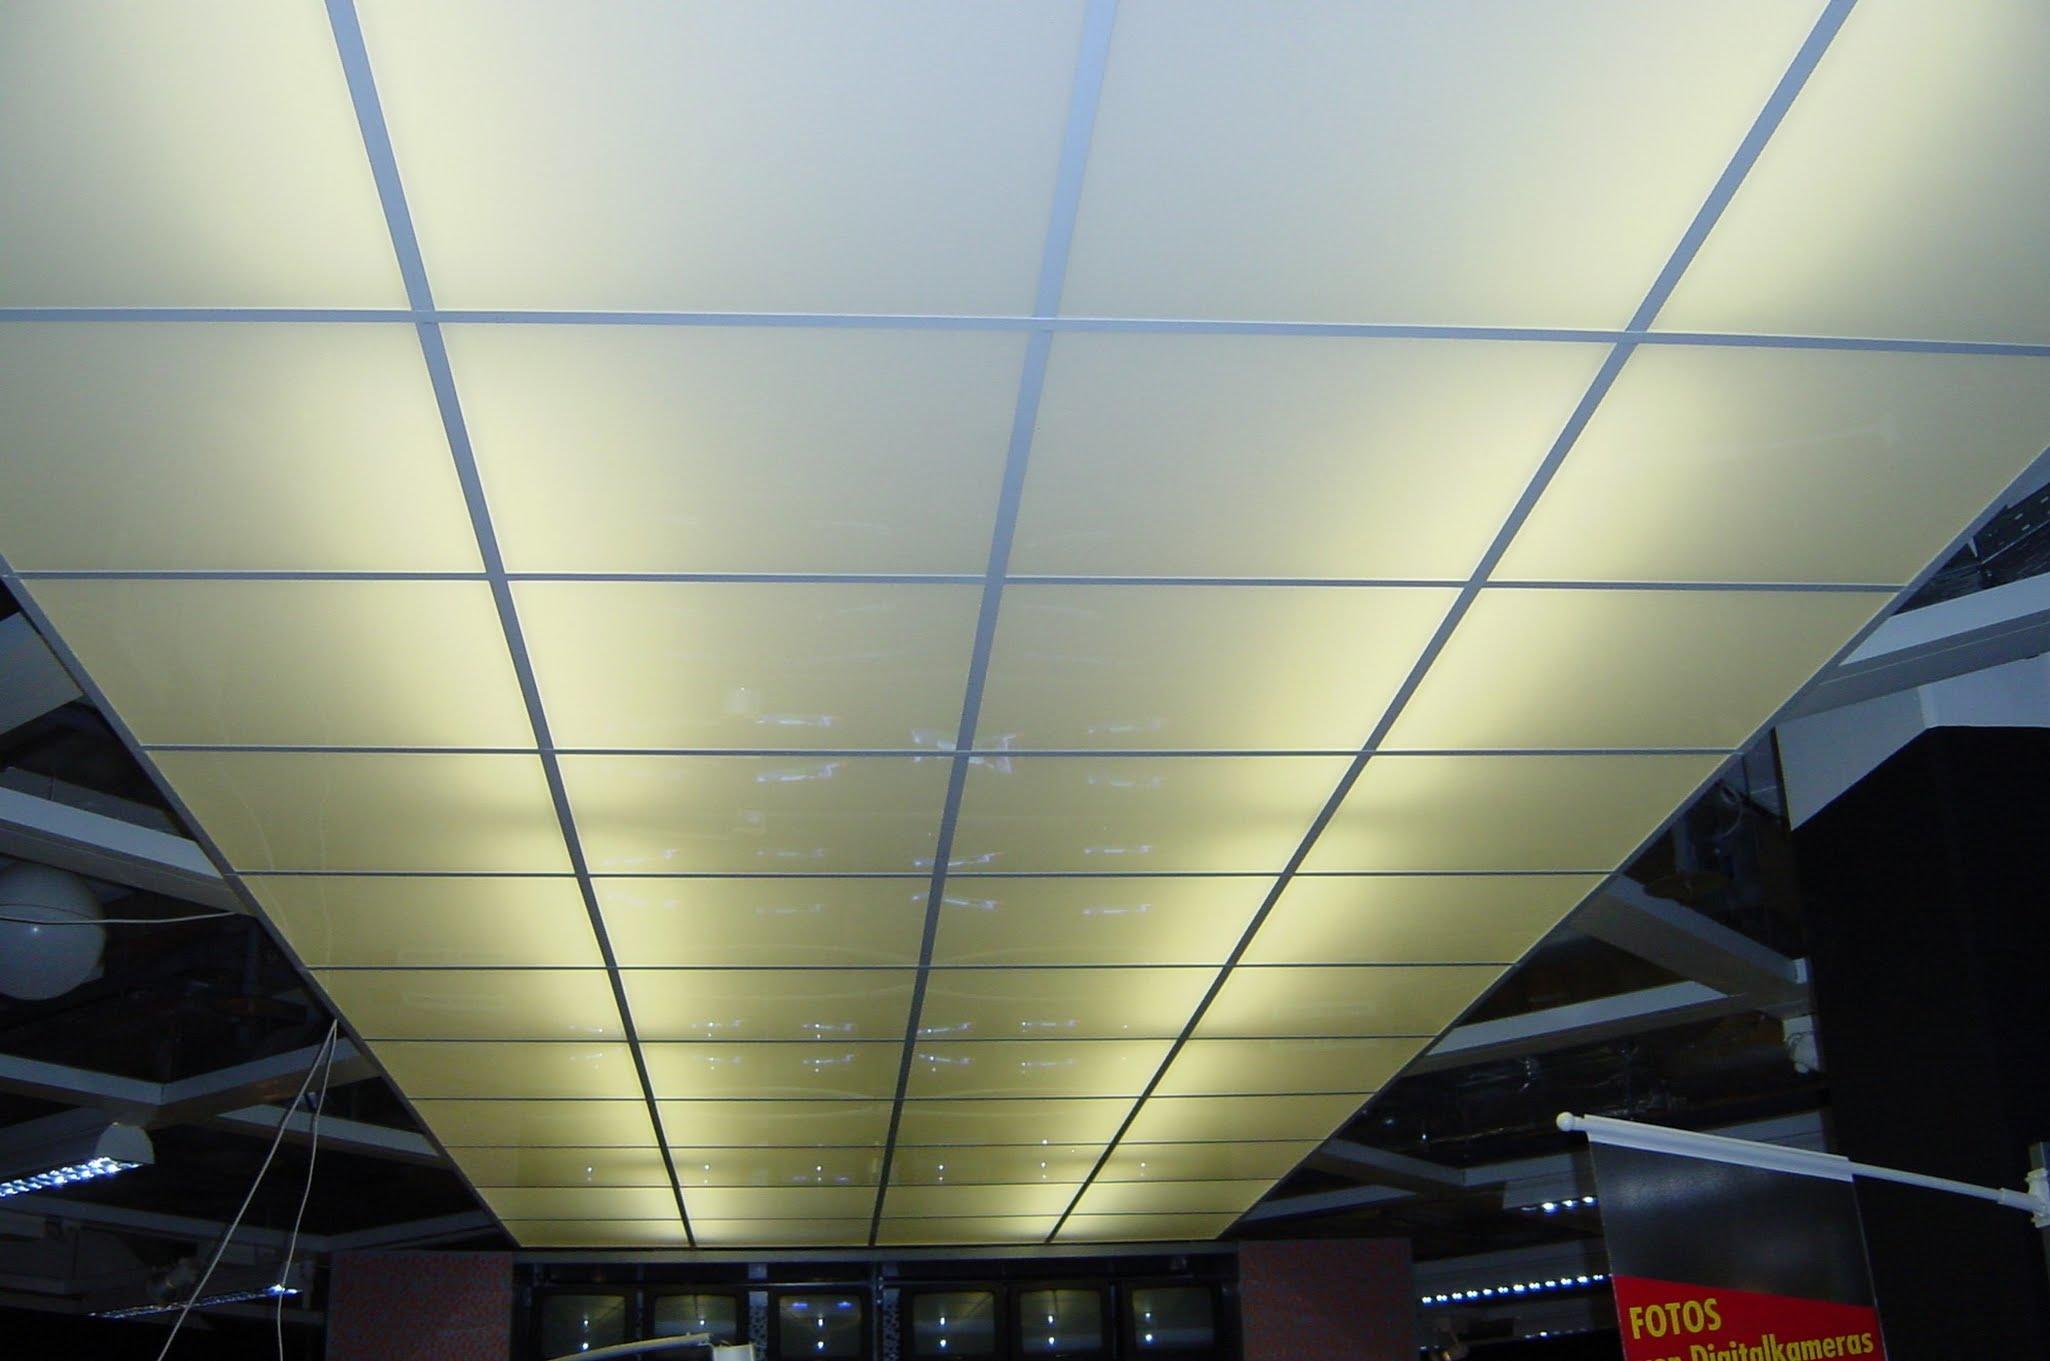 Lichtdecken,m-electronics ,Deckensystem-Wandsysteme,Trennwände Büro,Ganzglaswände,Bürotrennwand,Akustikdecken,Schallschutzdecken,Trennwände,Glaswände,Faltwände,Raumgestaltung,Trennwand Systeme